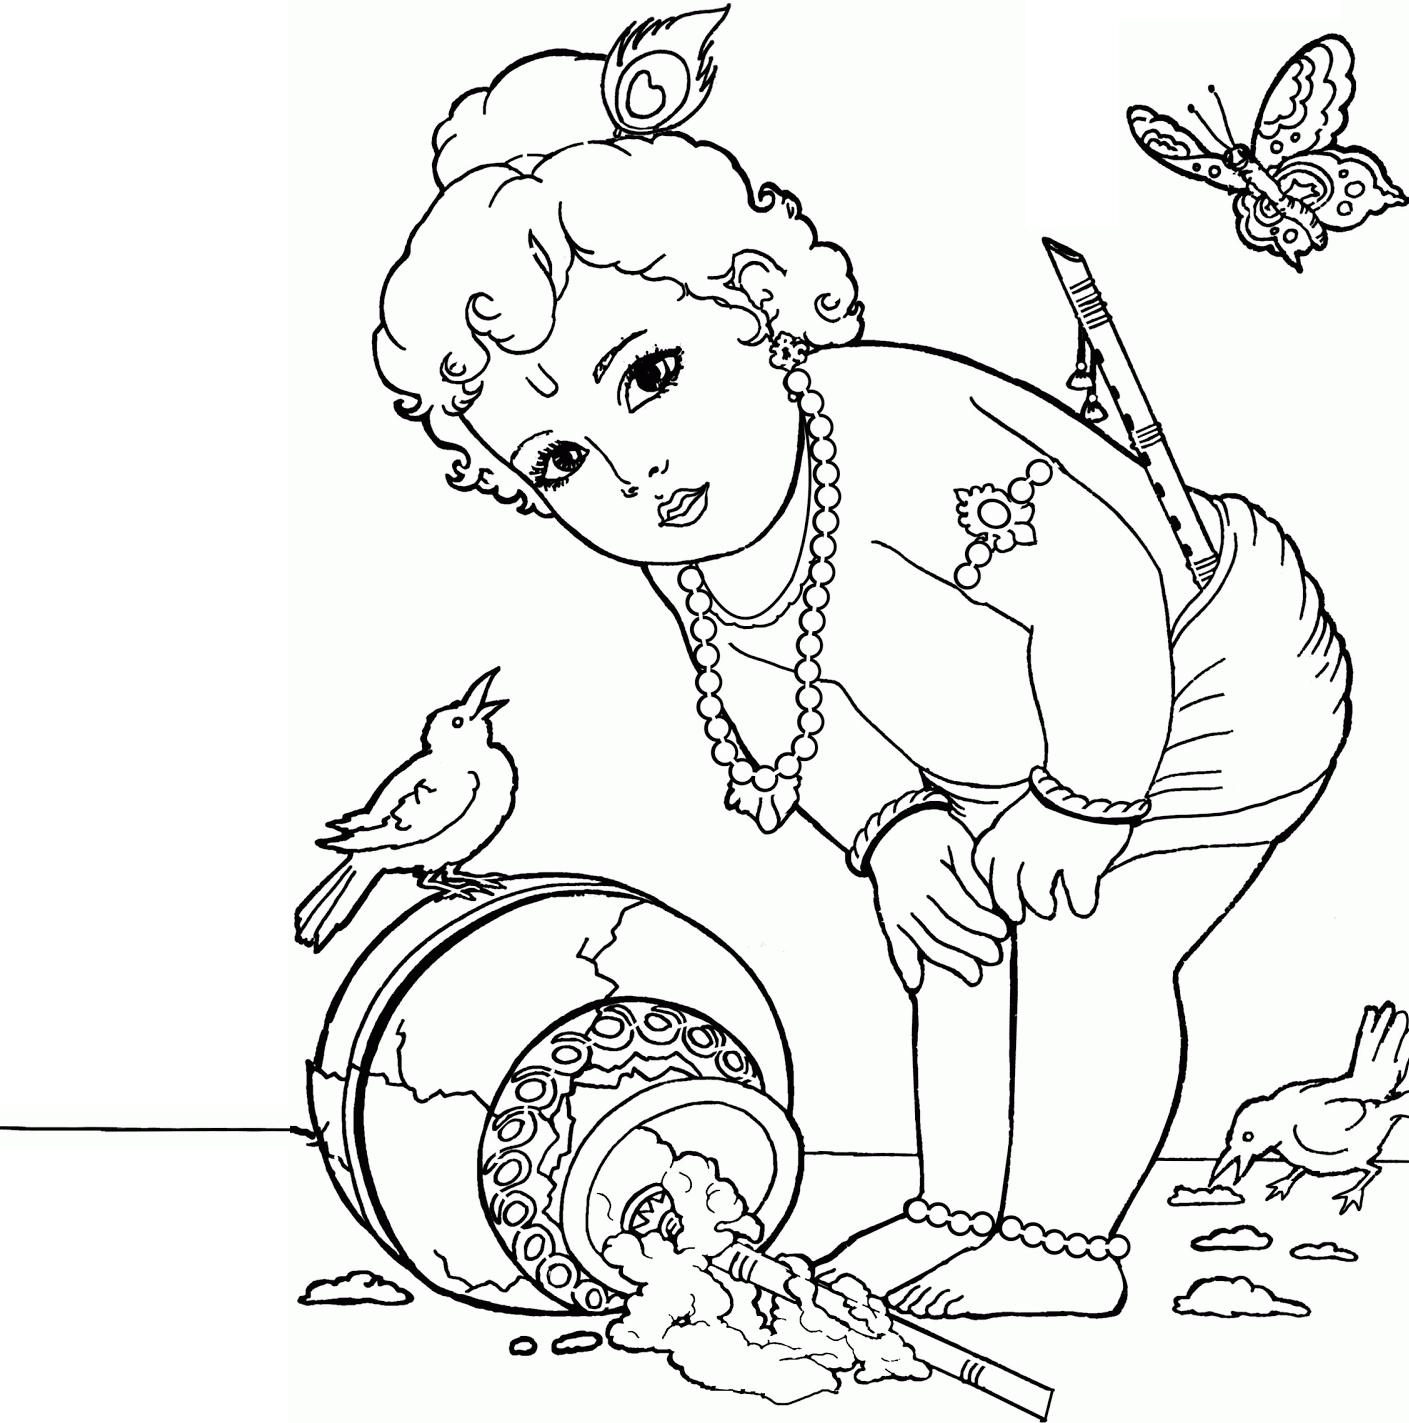 1409x1423 Small Krishna Cute Pencil Drawing Cute Baby Krishna Pencil Sketch